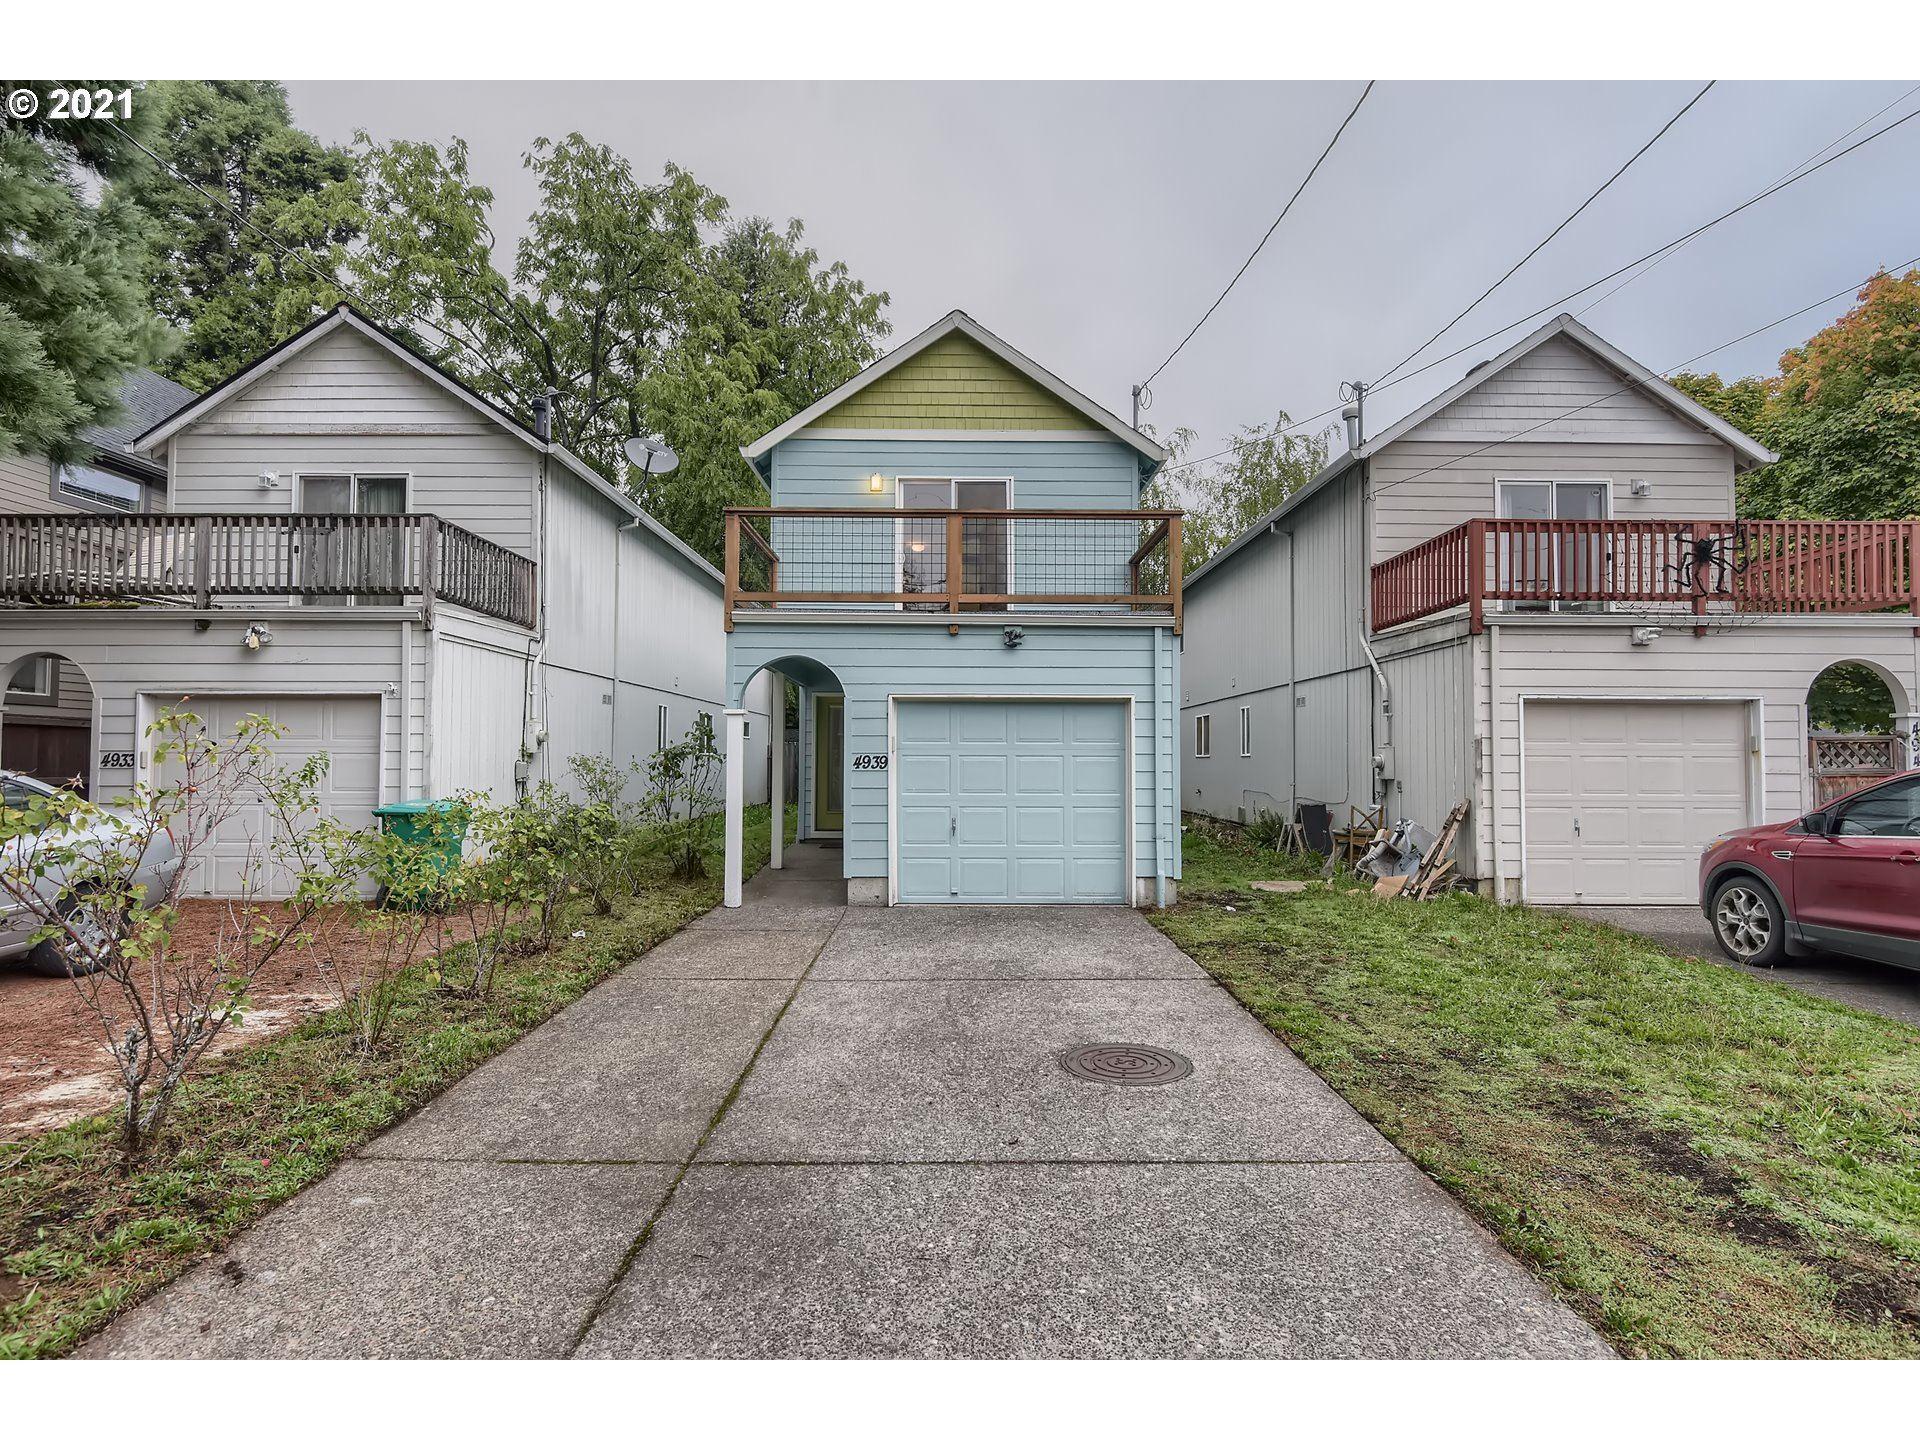 4939 SE OGDEN ST, Portland, OR 97206 - MLS#: 21391234